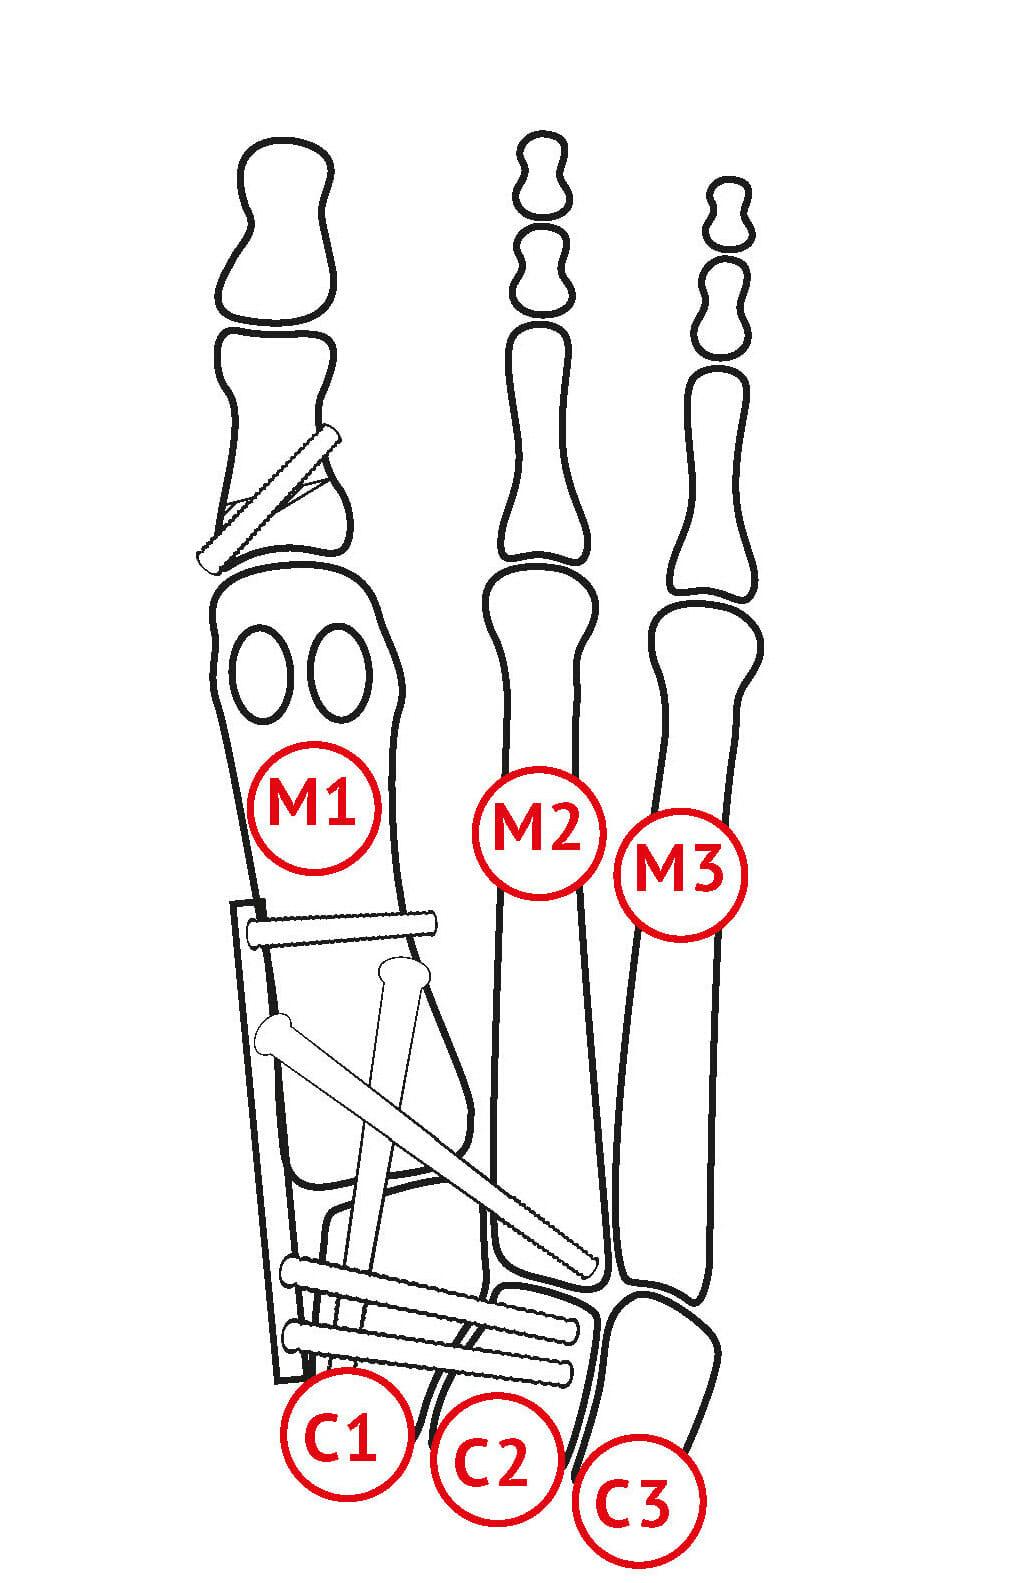 Lapidusarthrodese - Fusion M1C1, M1M2, C1C2, M1C2